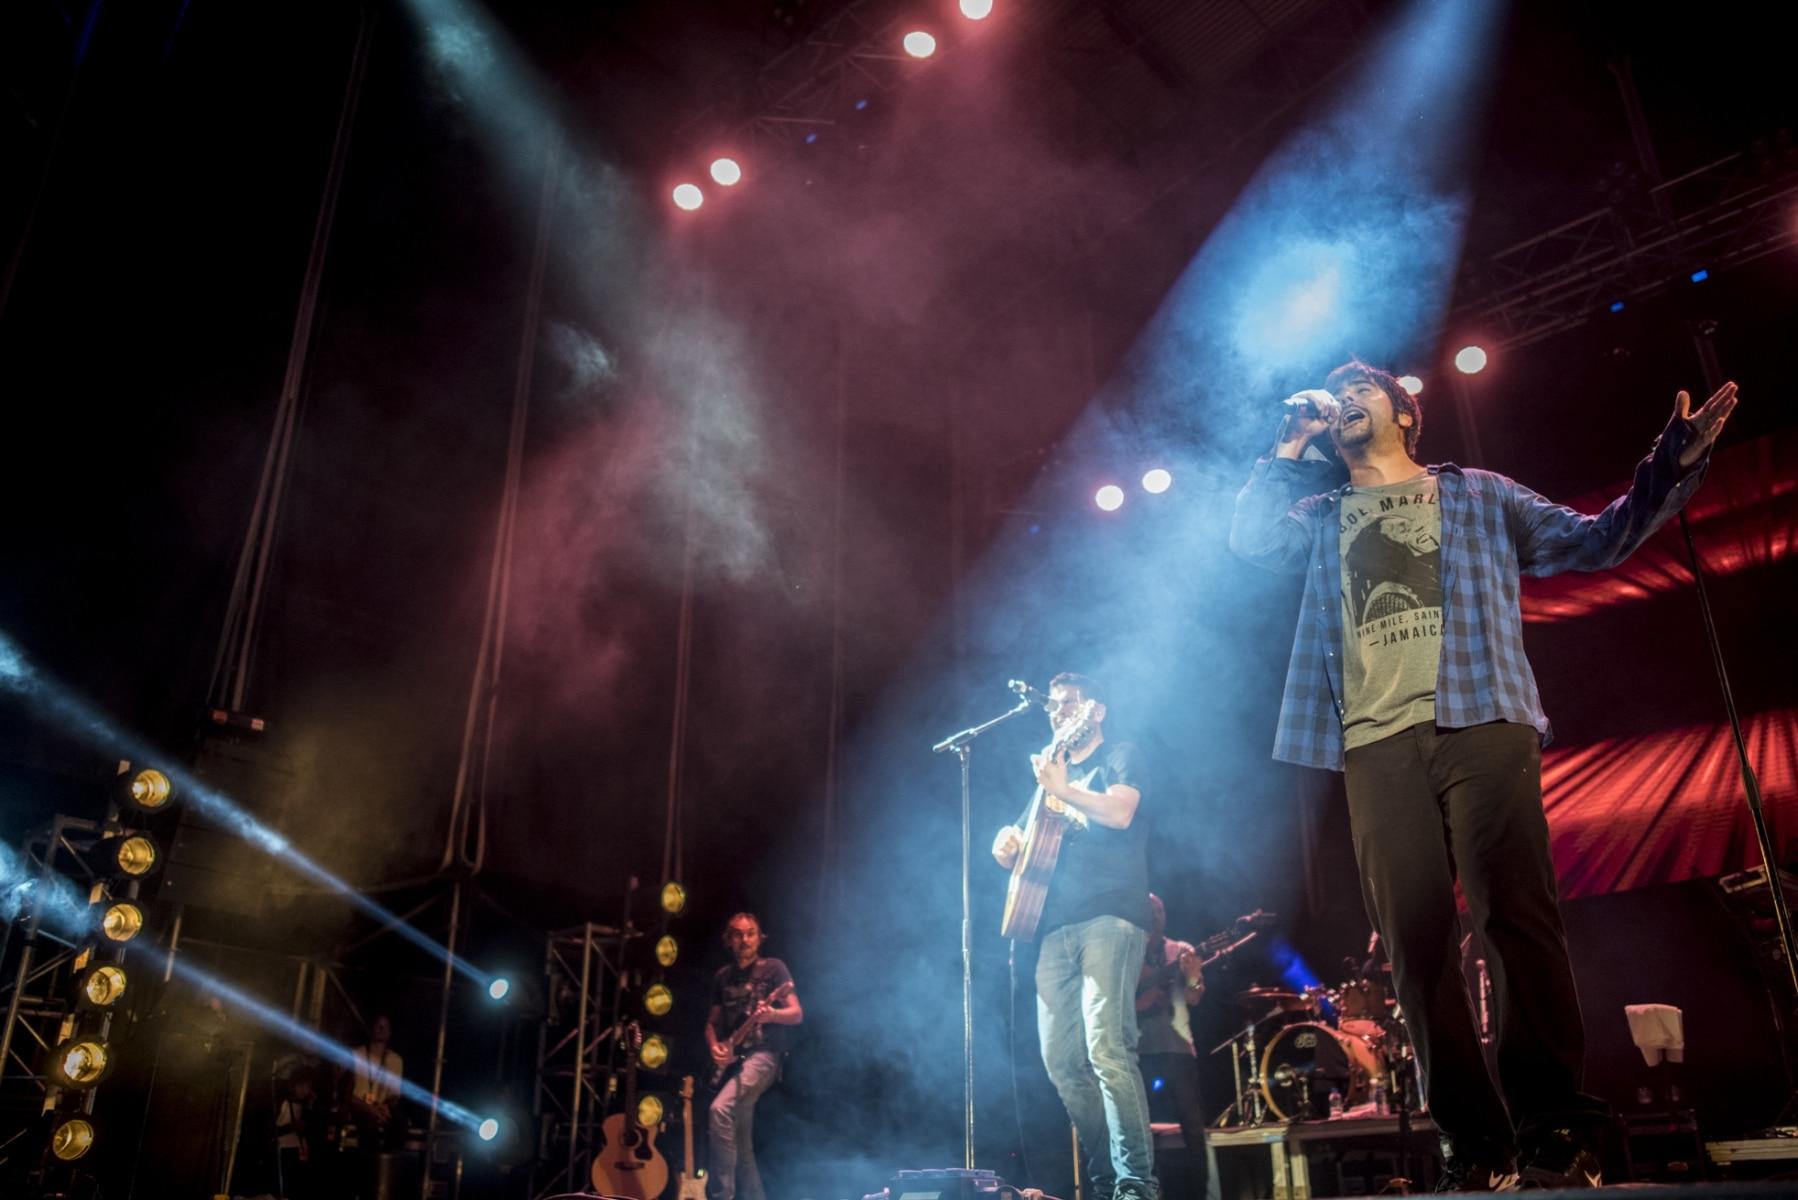 5-septiembre-2015-gibraltar-music-festival-2015-62_21195207681_o